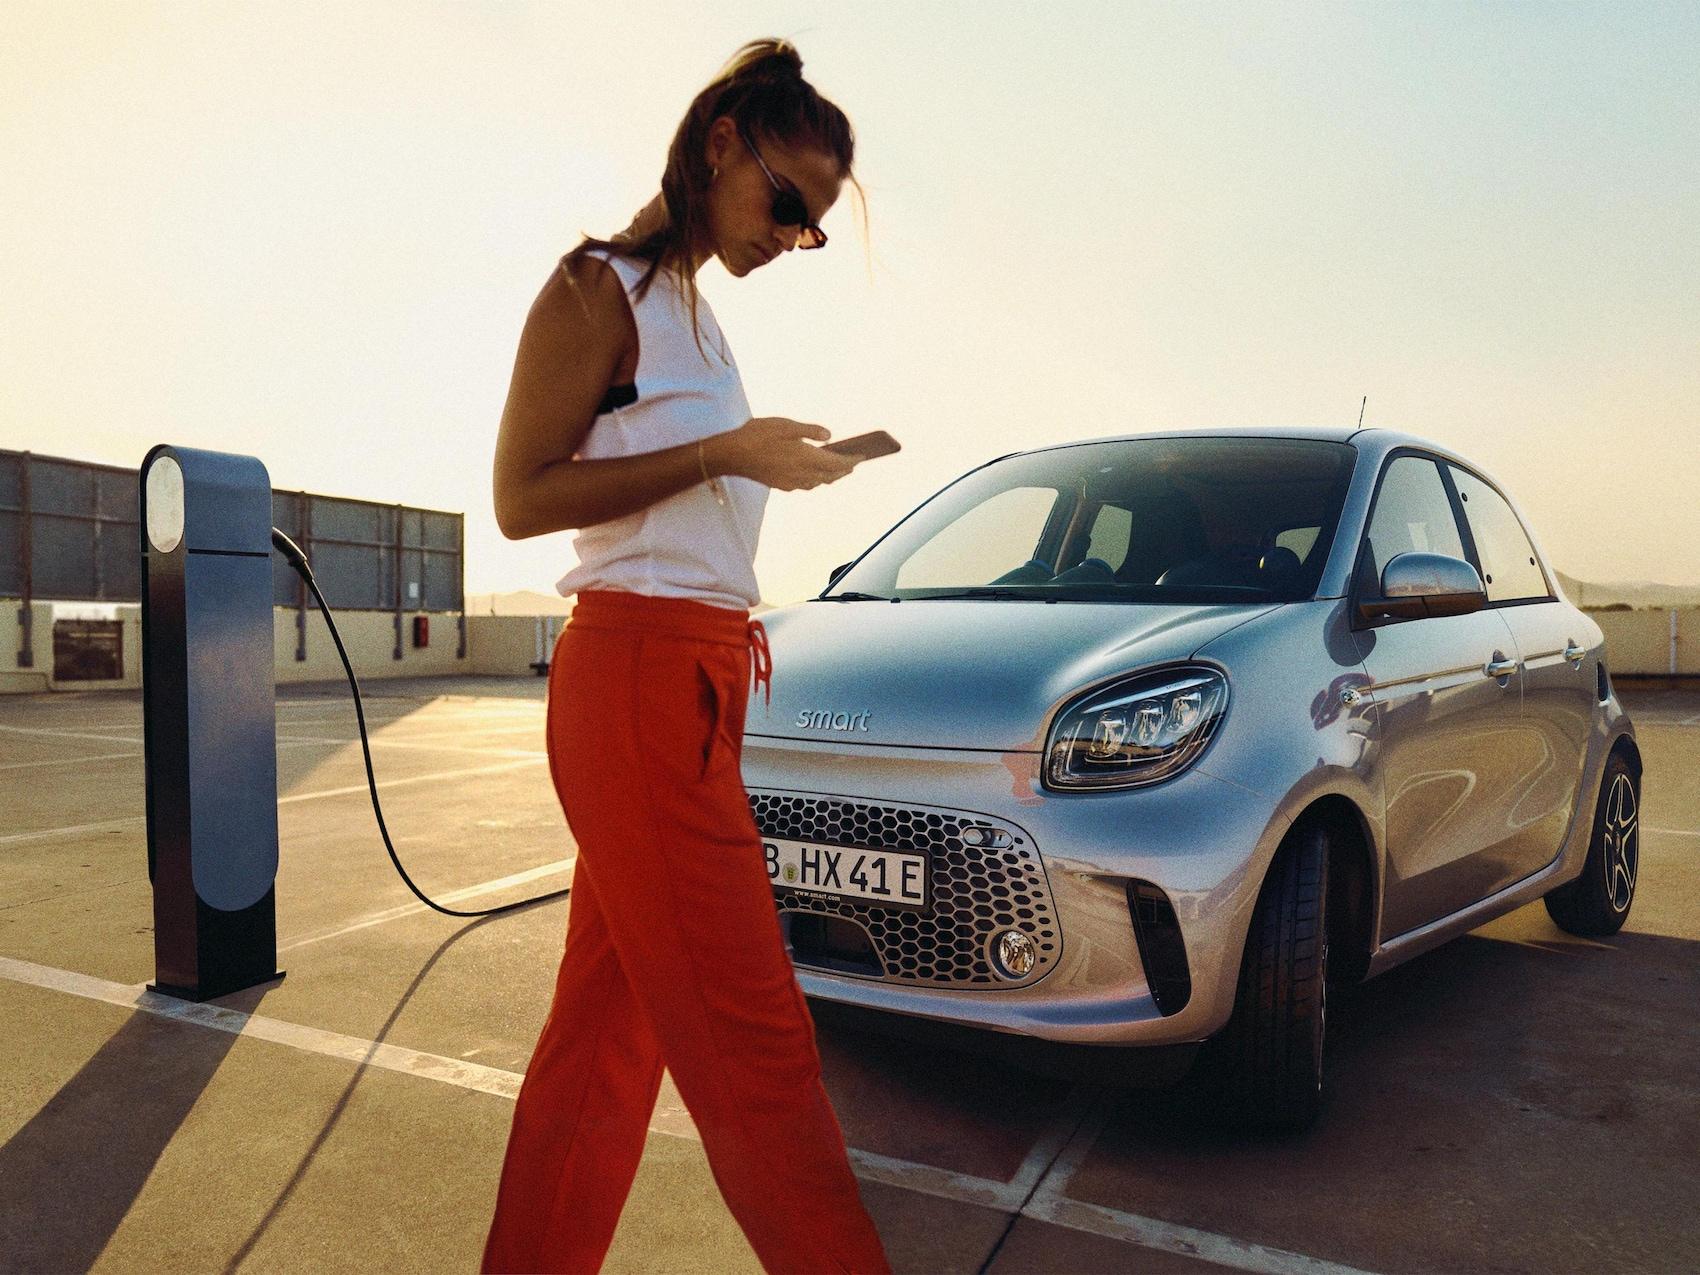 Eine Frau steht vor einem ladenden smart EQ fortwo auf einem sonnigen Parkdeck.